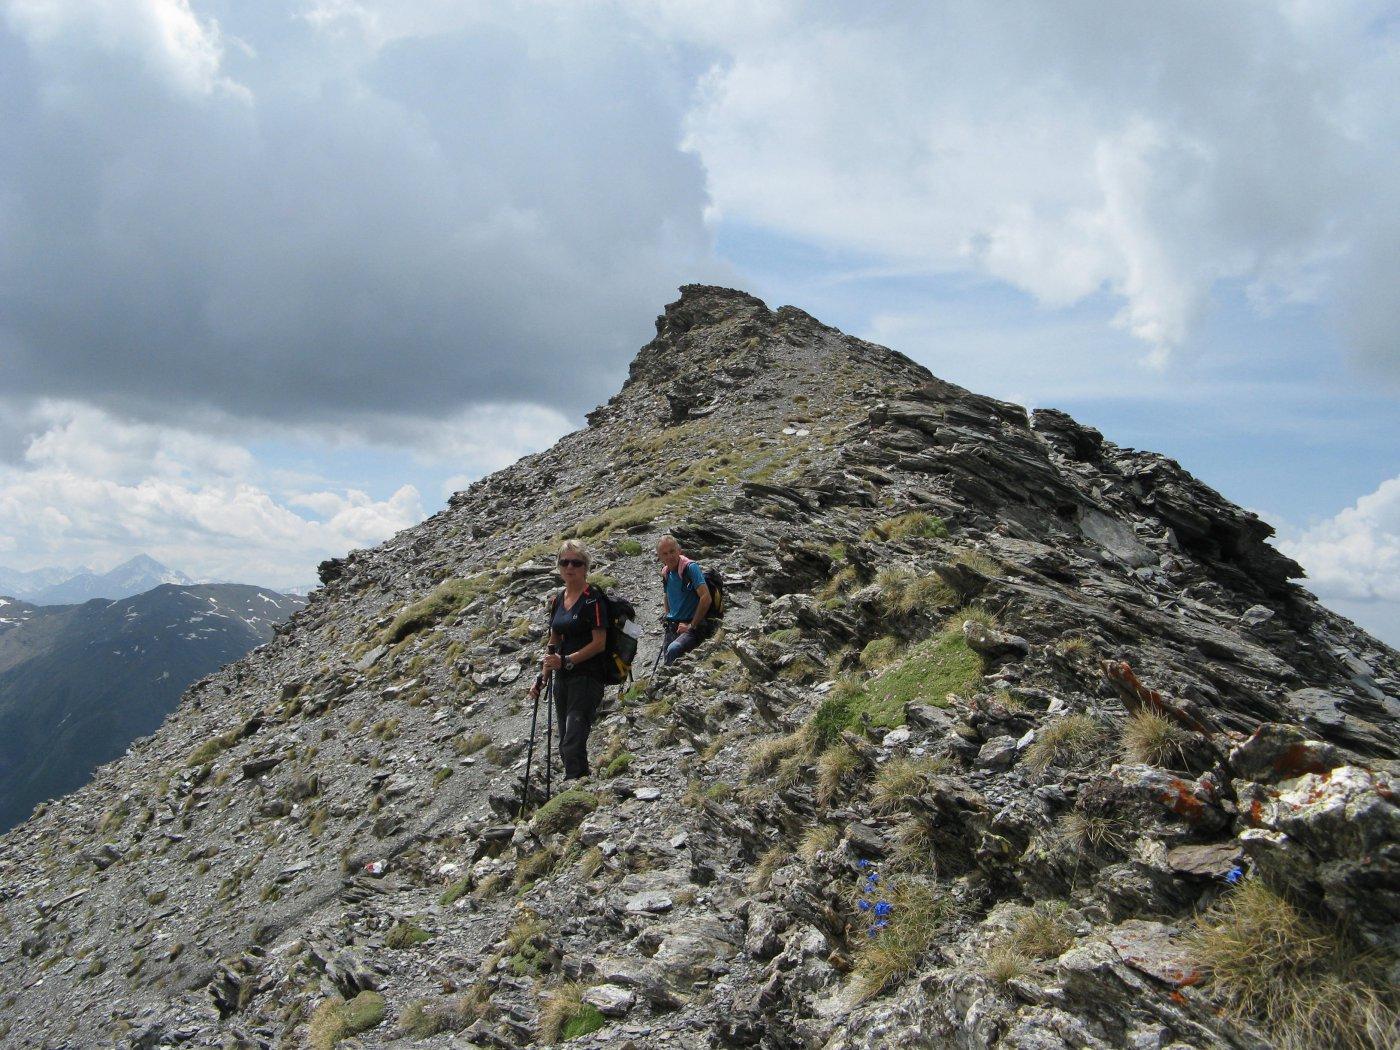 Verde (Roccia) da Rochemolles, anello per il Passo di Roccia Verde e Croce Paumort 2015-06-07